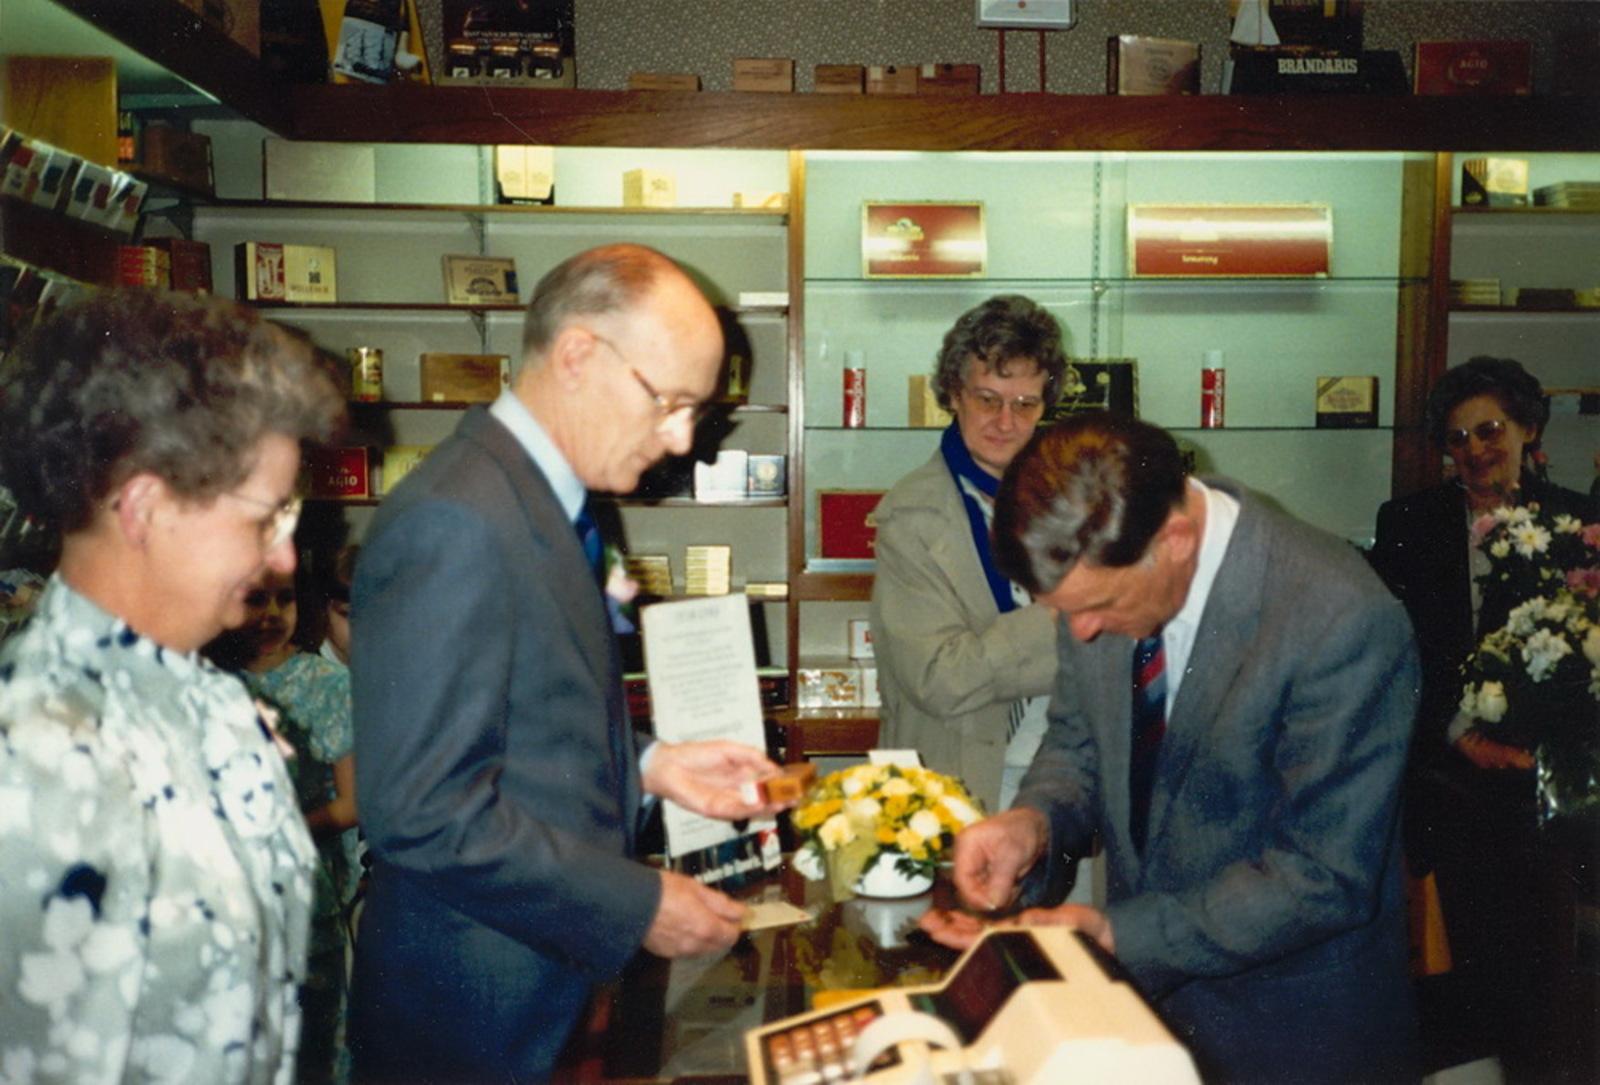 Marktlaan O 0022 1988 Sigarenboer Kraak 50jr Jub en Sluiting 28